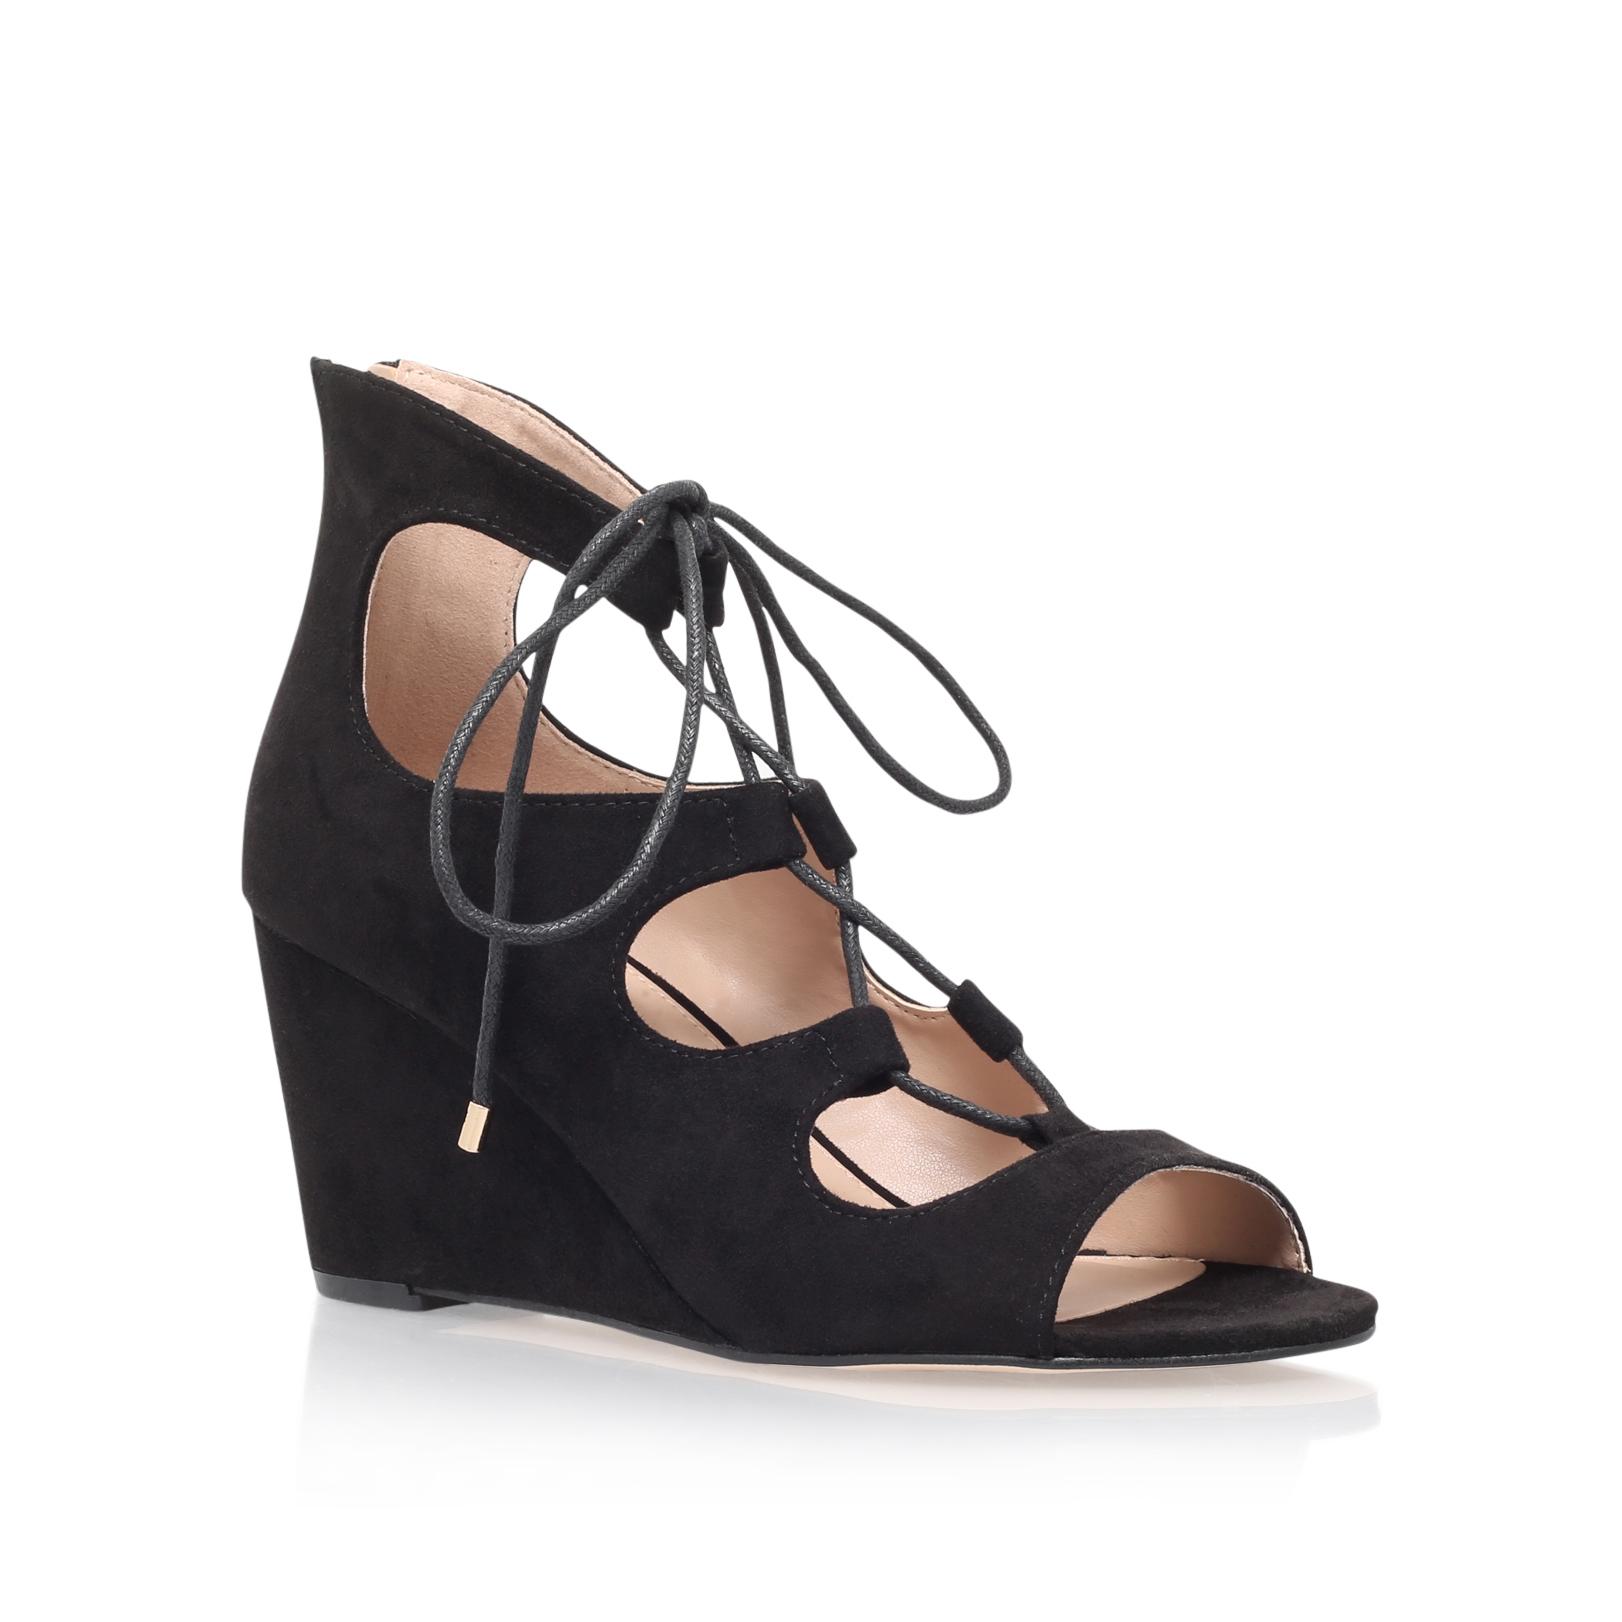 Kurt Geiger Sophia Black Suedette Shoes